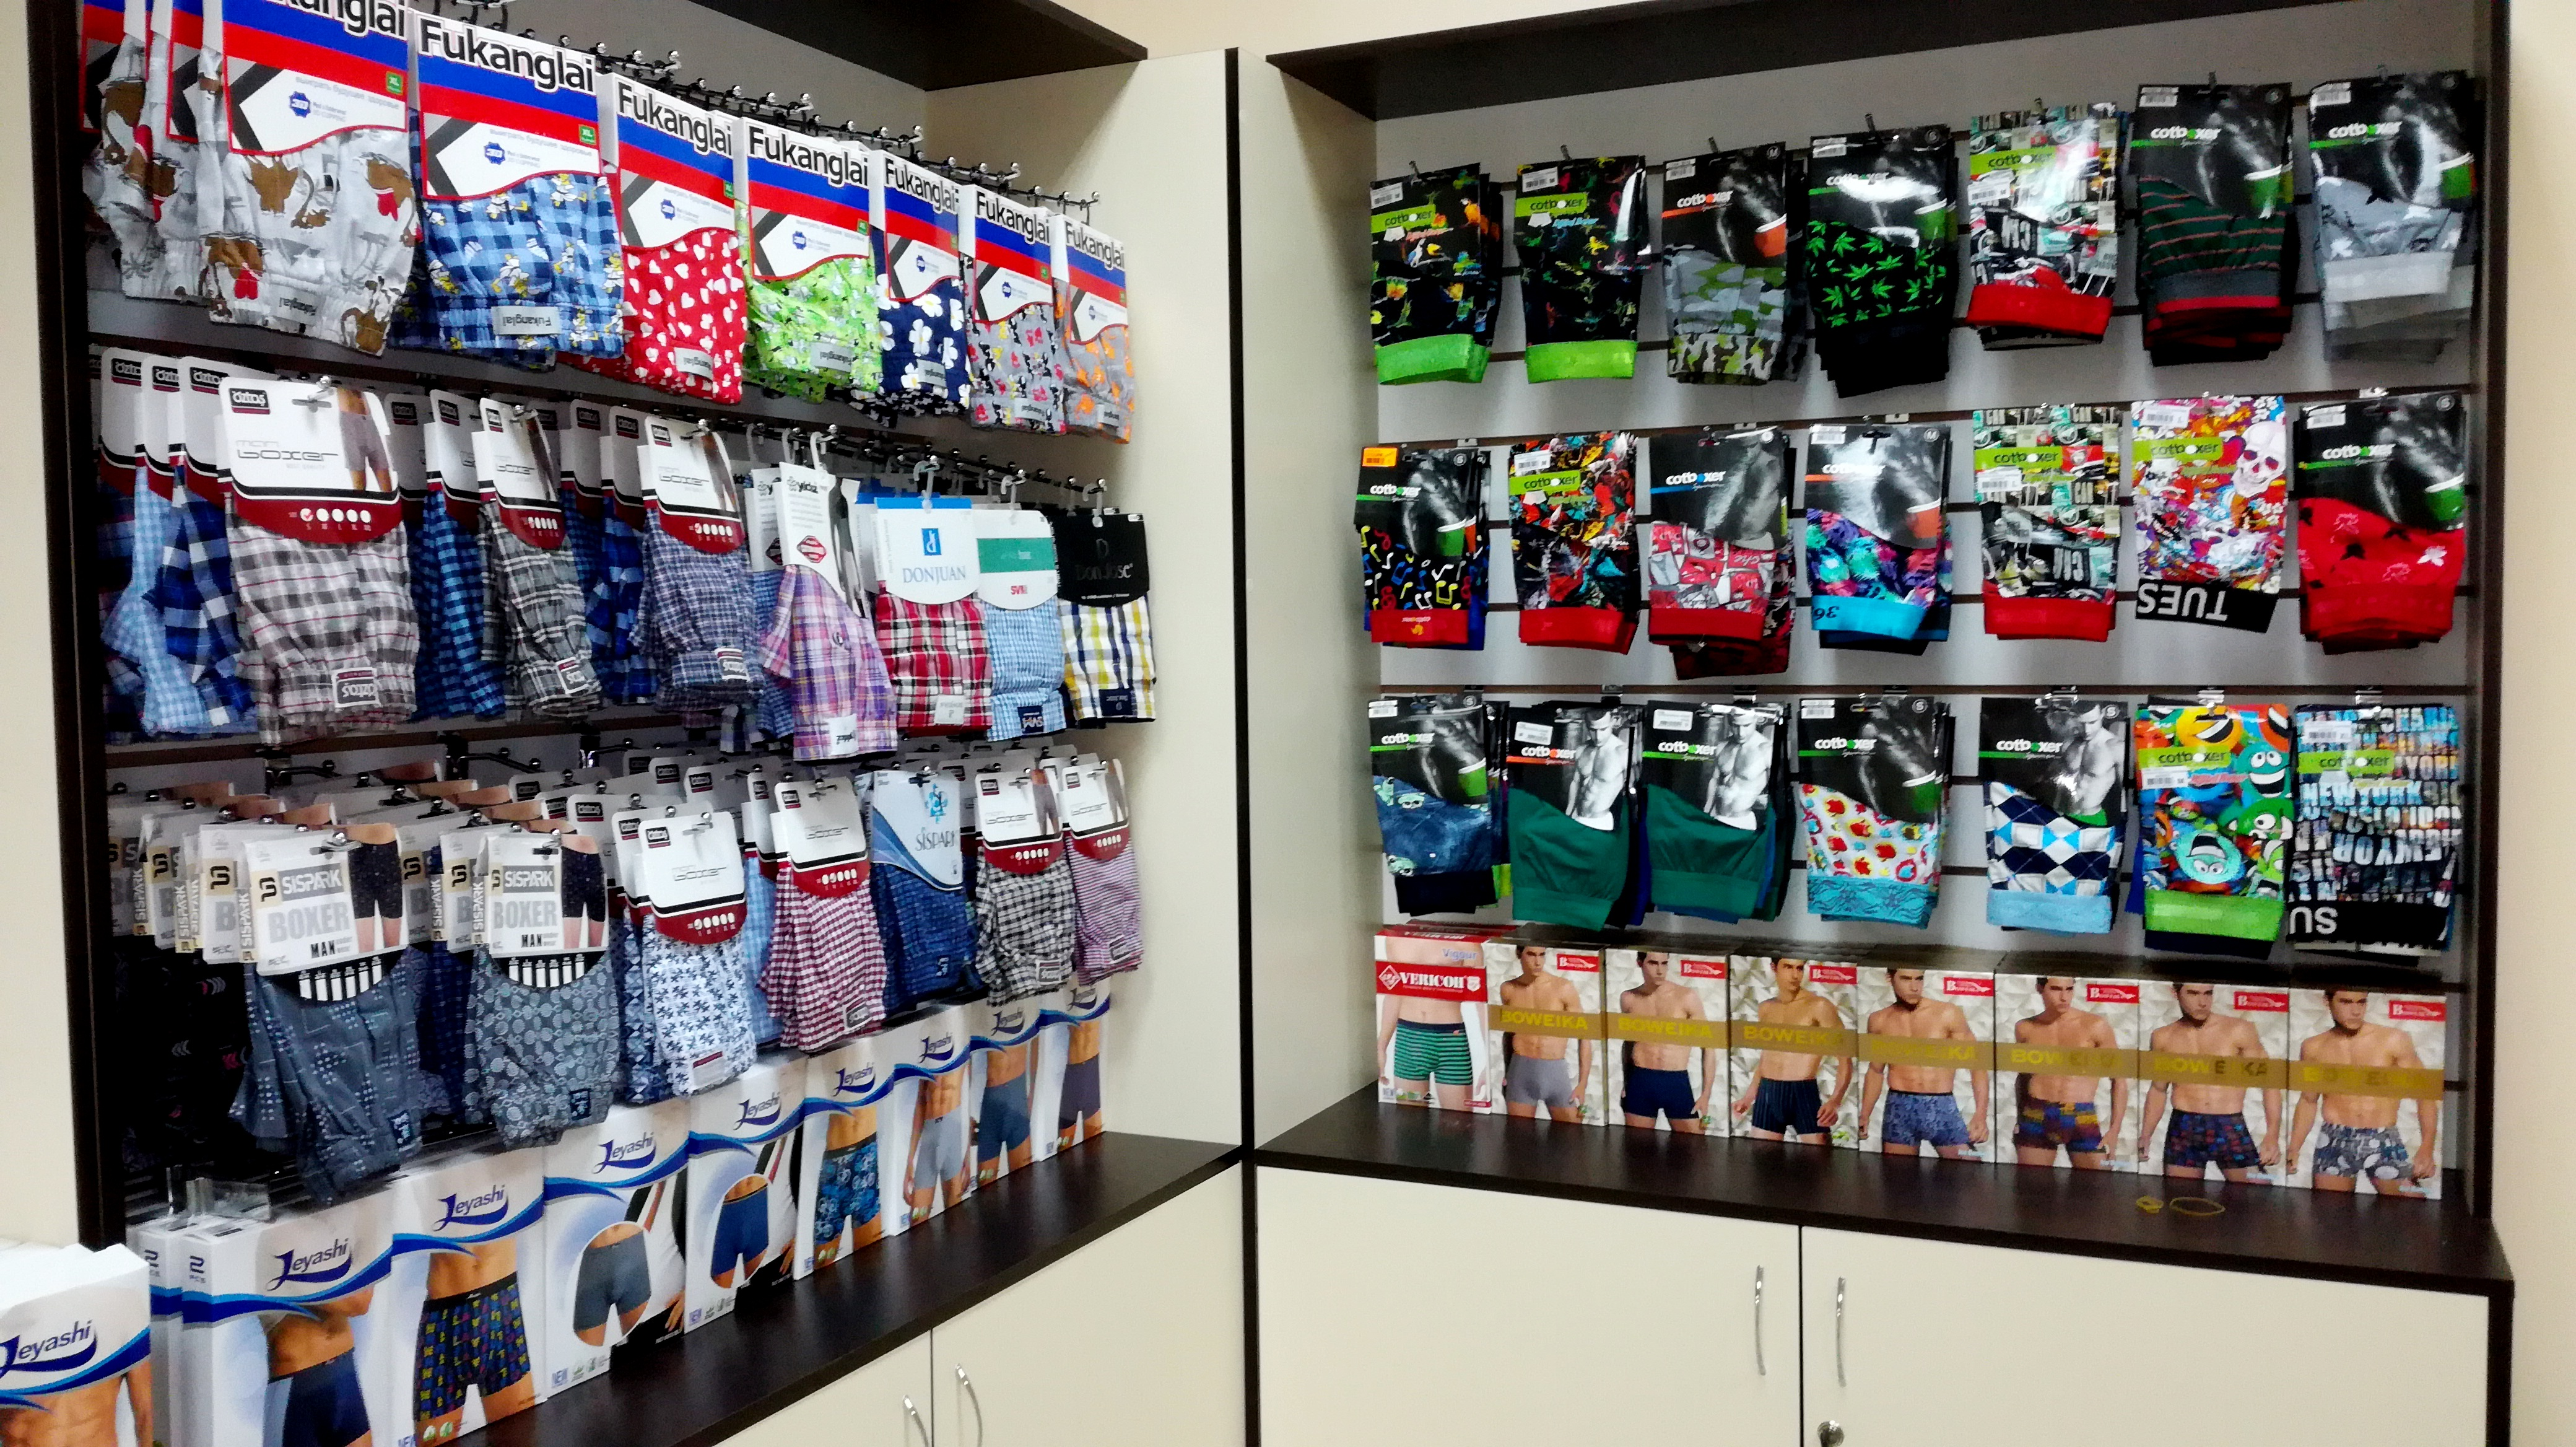 b6ad66c2b Название говорит само за себя — «Весёлые носки». Здесь вы сможете купить не  только мужские женские и детские носки. В магазине представлен широкий ...